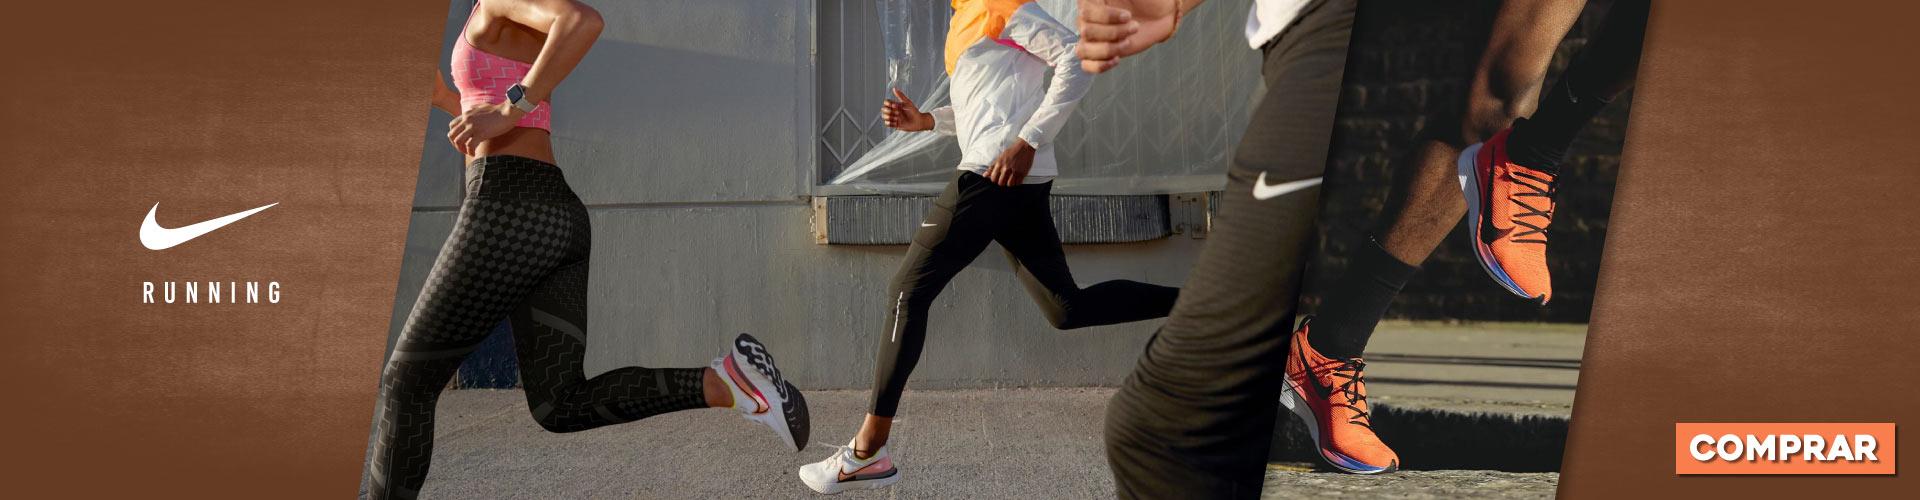 Nike running DT